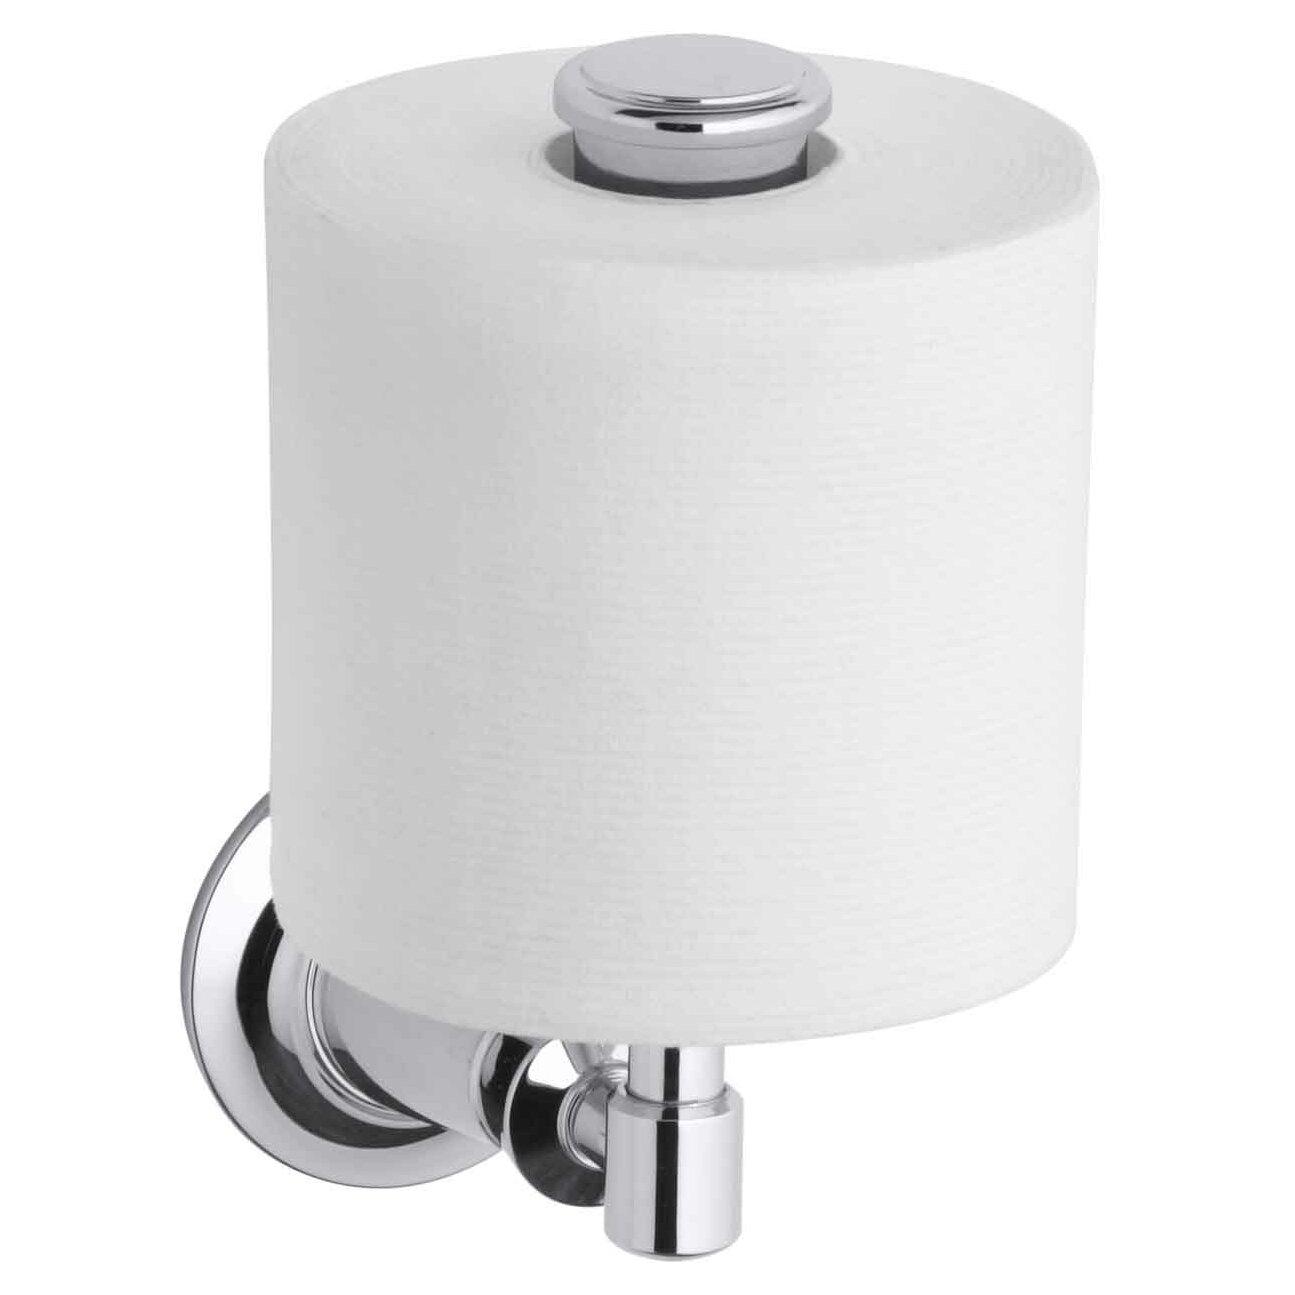 Kohler Archer Vertical Toilet Tissue Holder. Kohler Archer Vertical Toilet Tissue Holder   Reviews   Wayfair